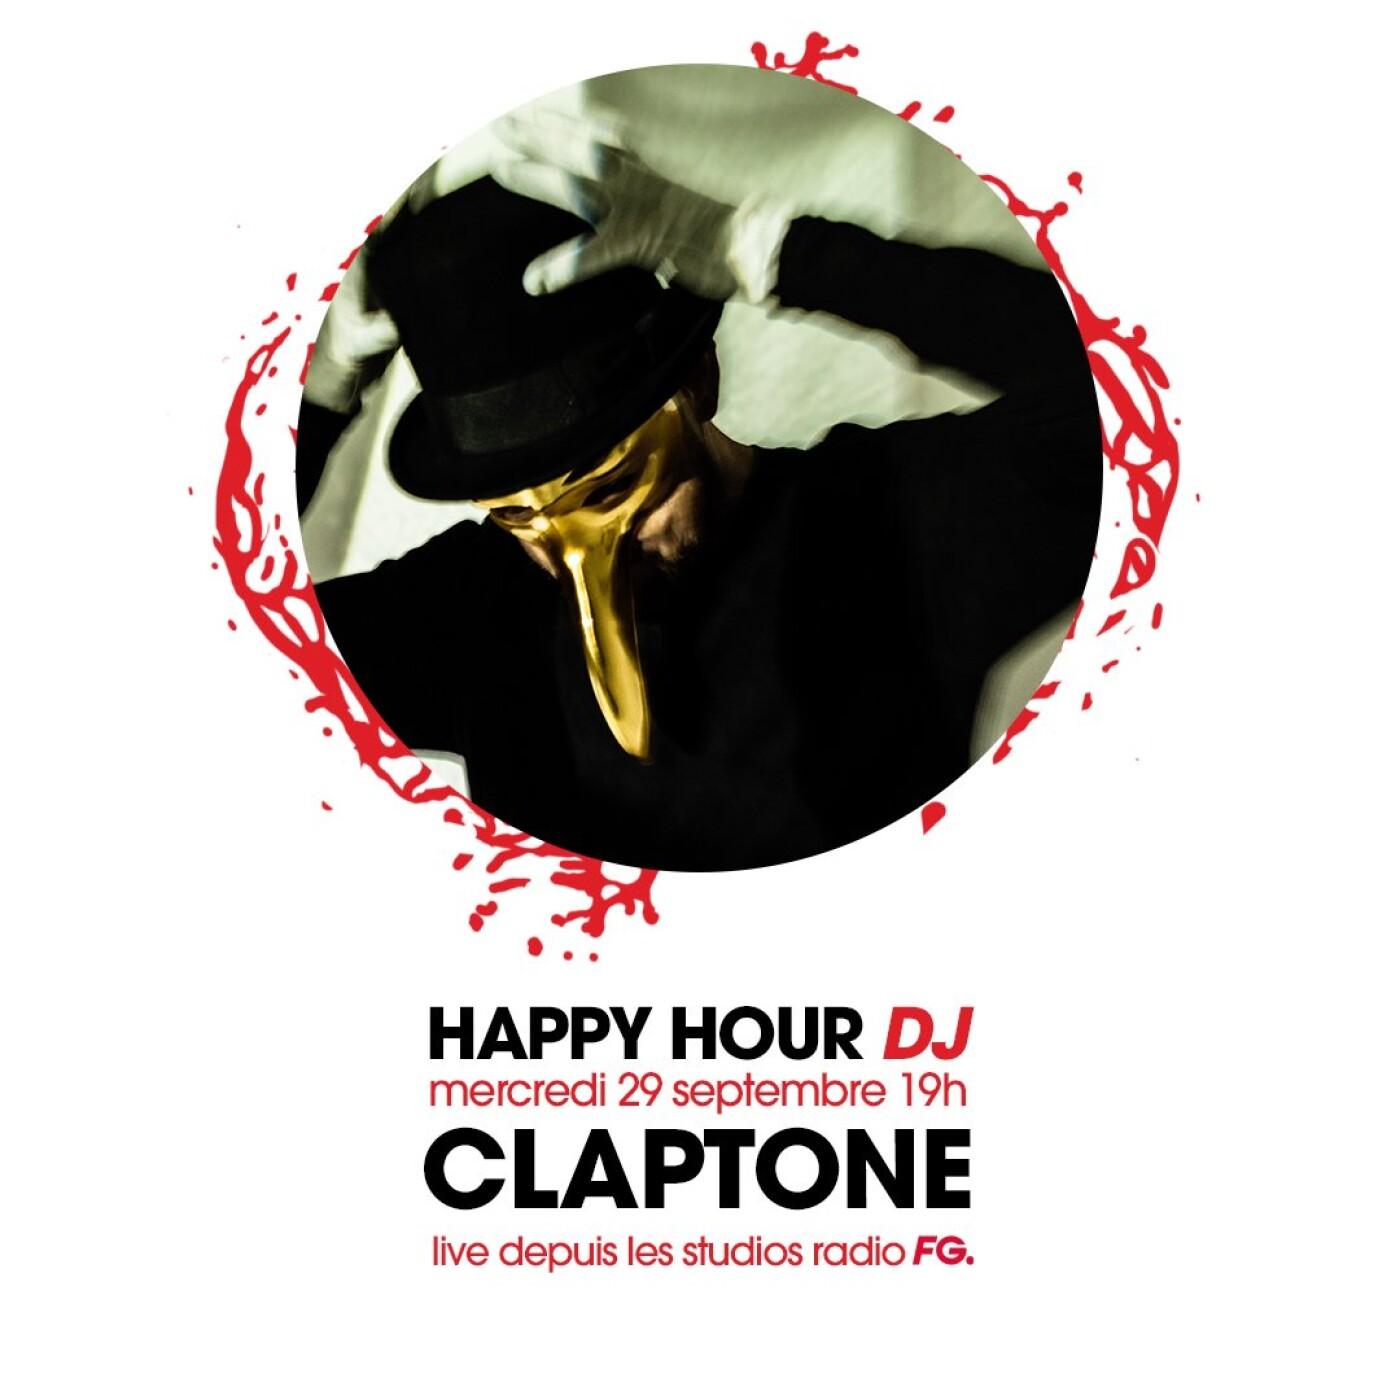 HAPPY HOUR DJ : CLAPTONE